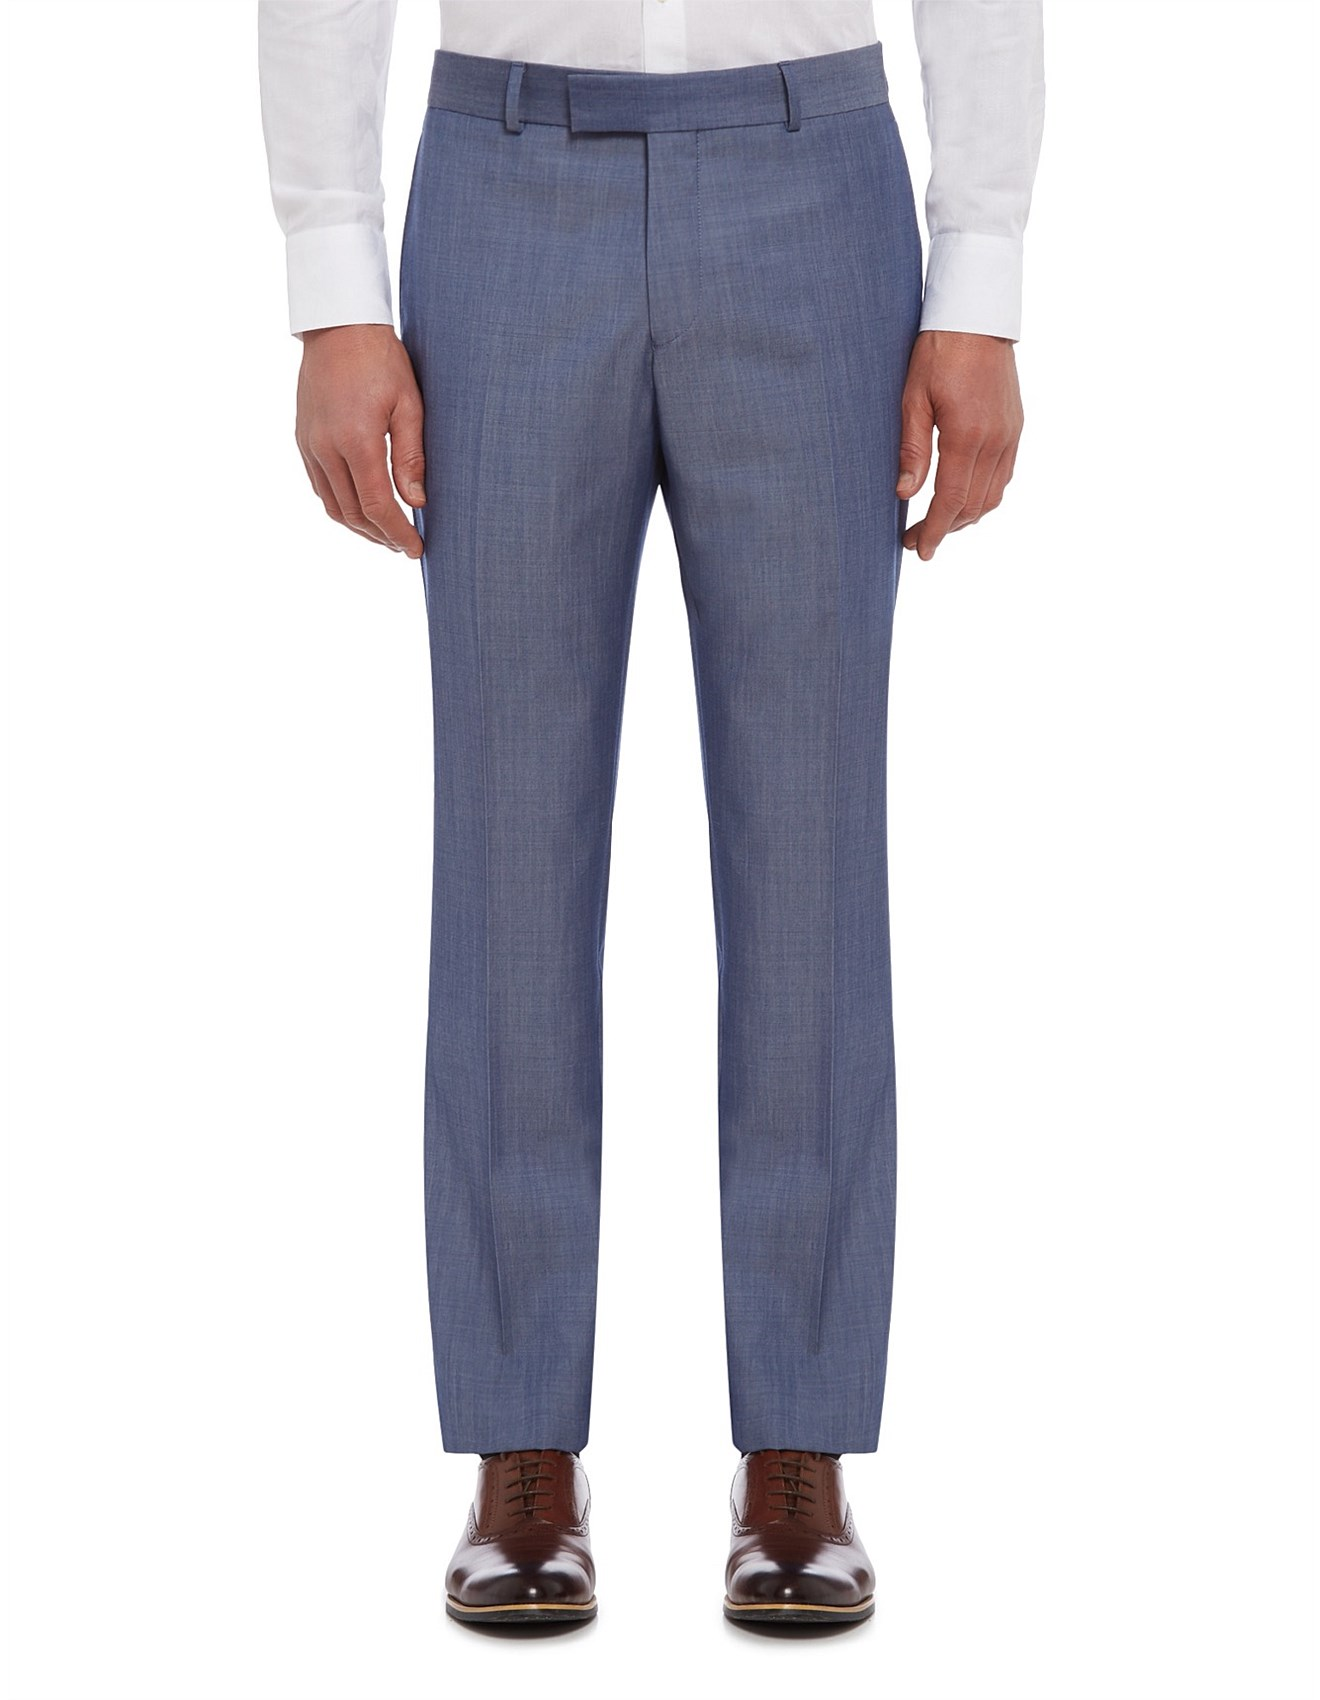 87e91896 Men's Suiting & Formal Wear Sale | Suits For Men | David Jones ...